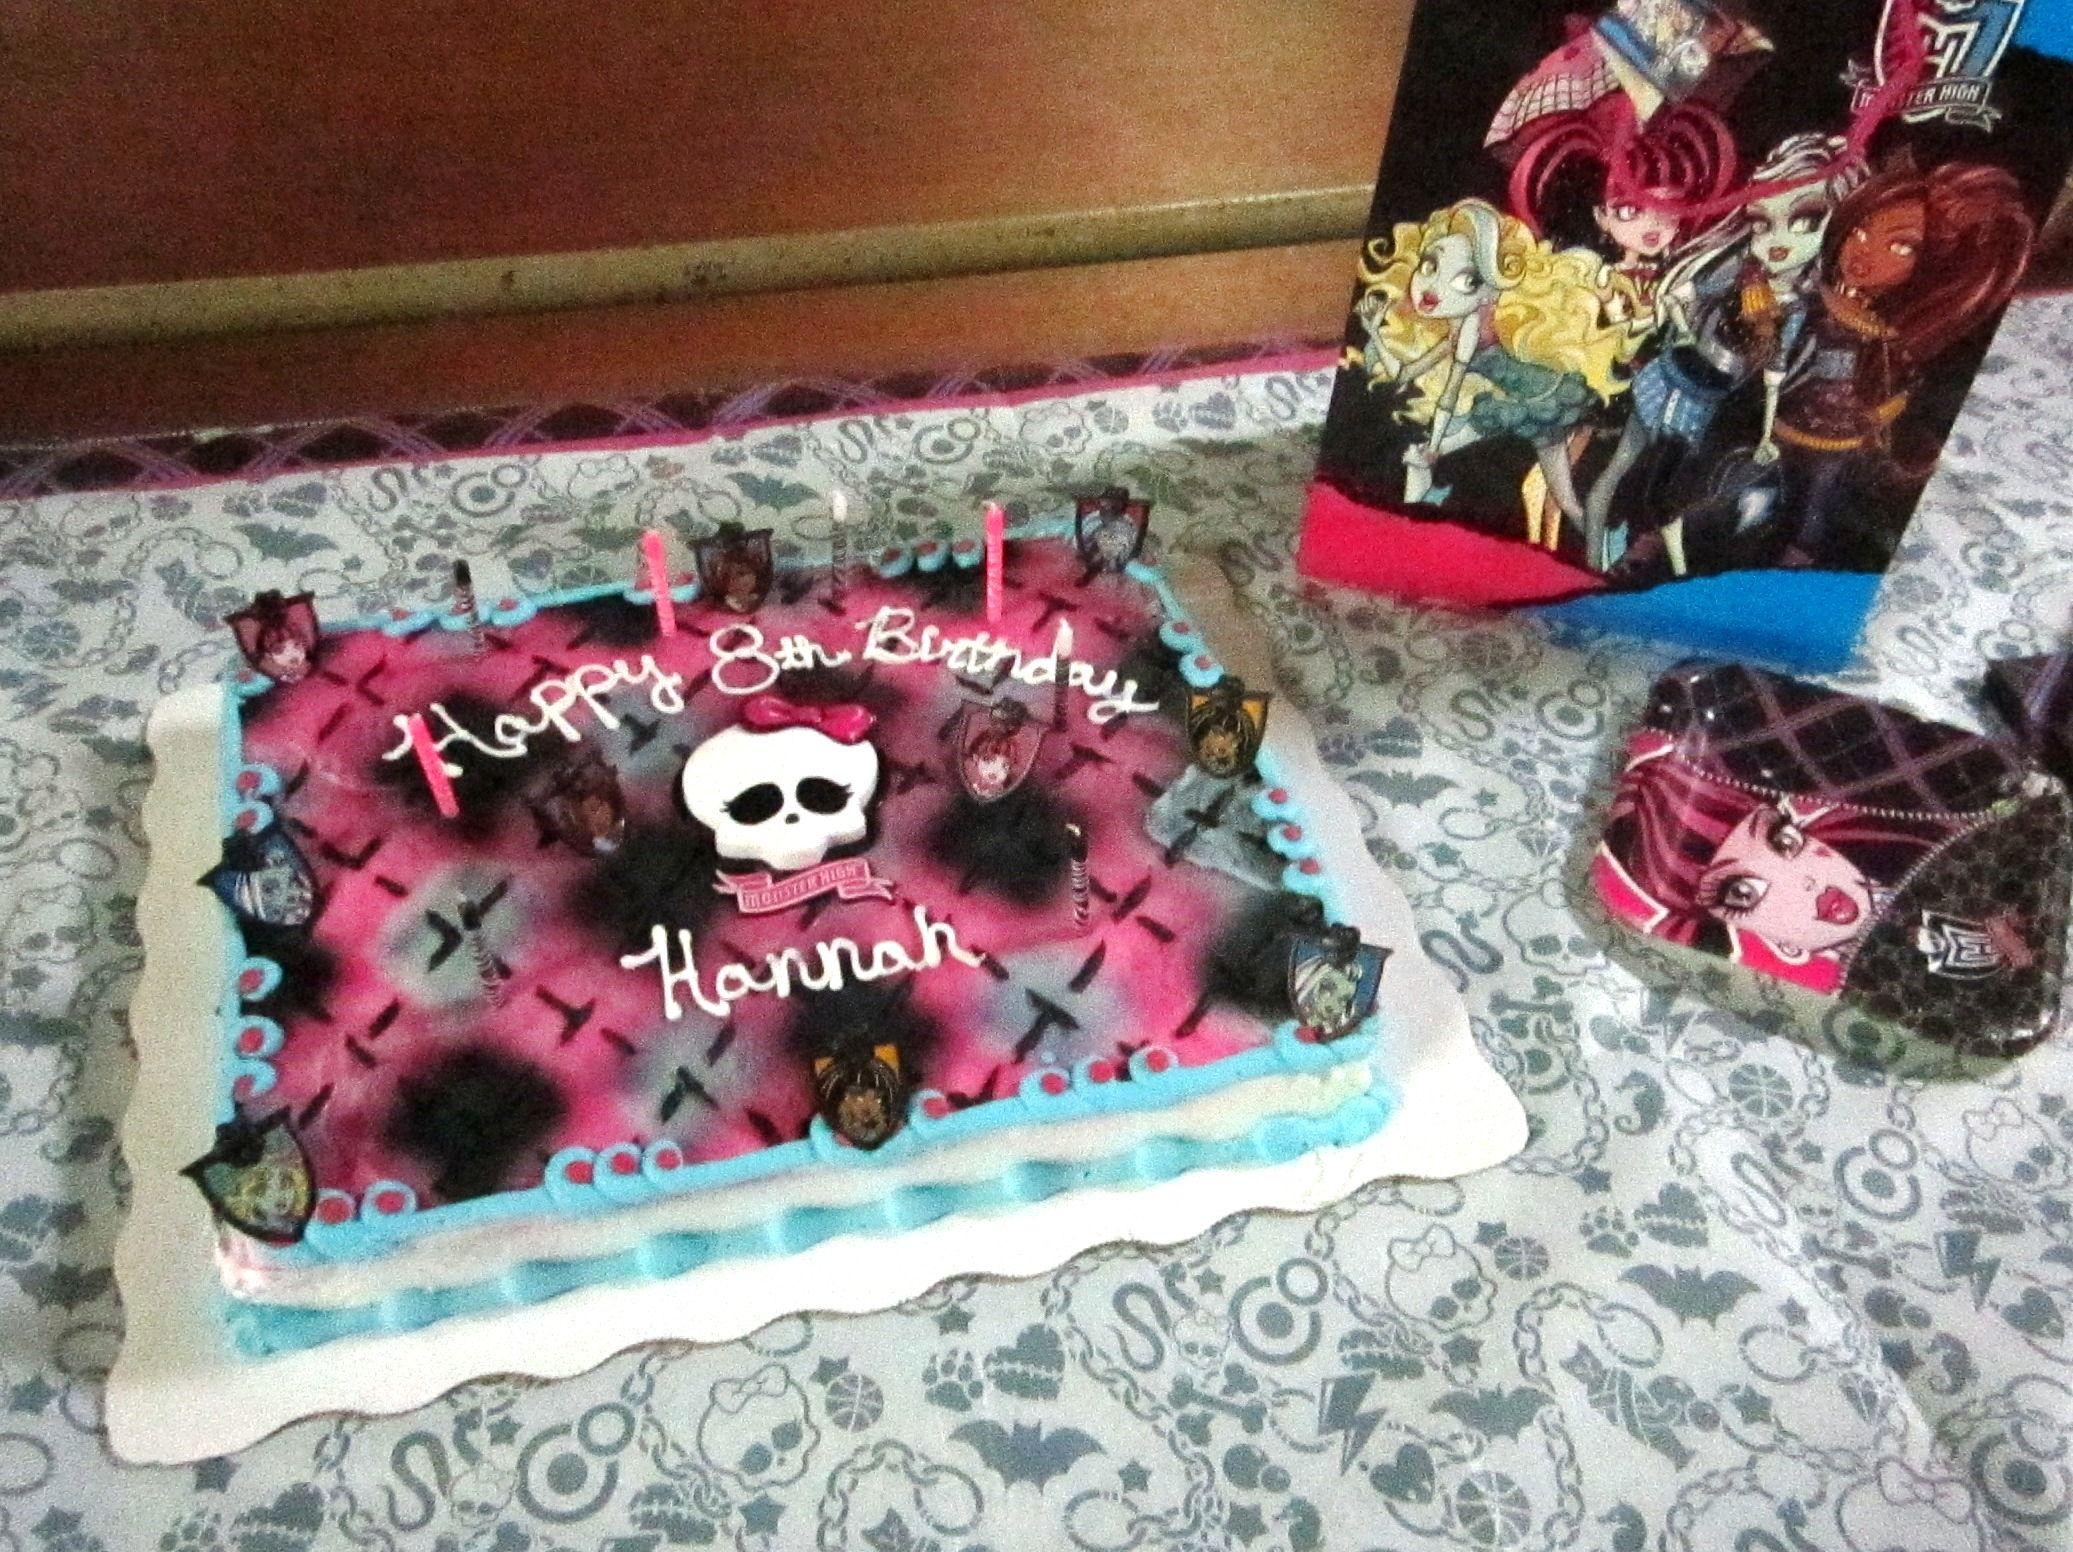 Monster High Birthday Cake design available at Walmart Monster